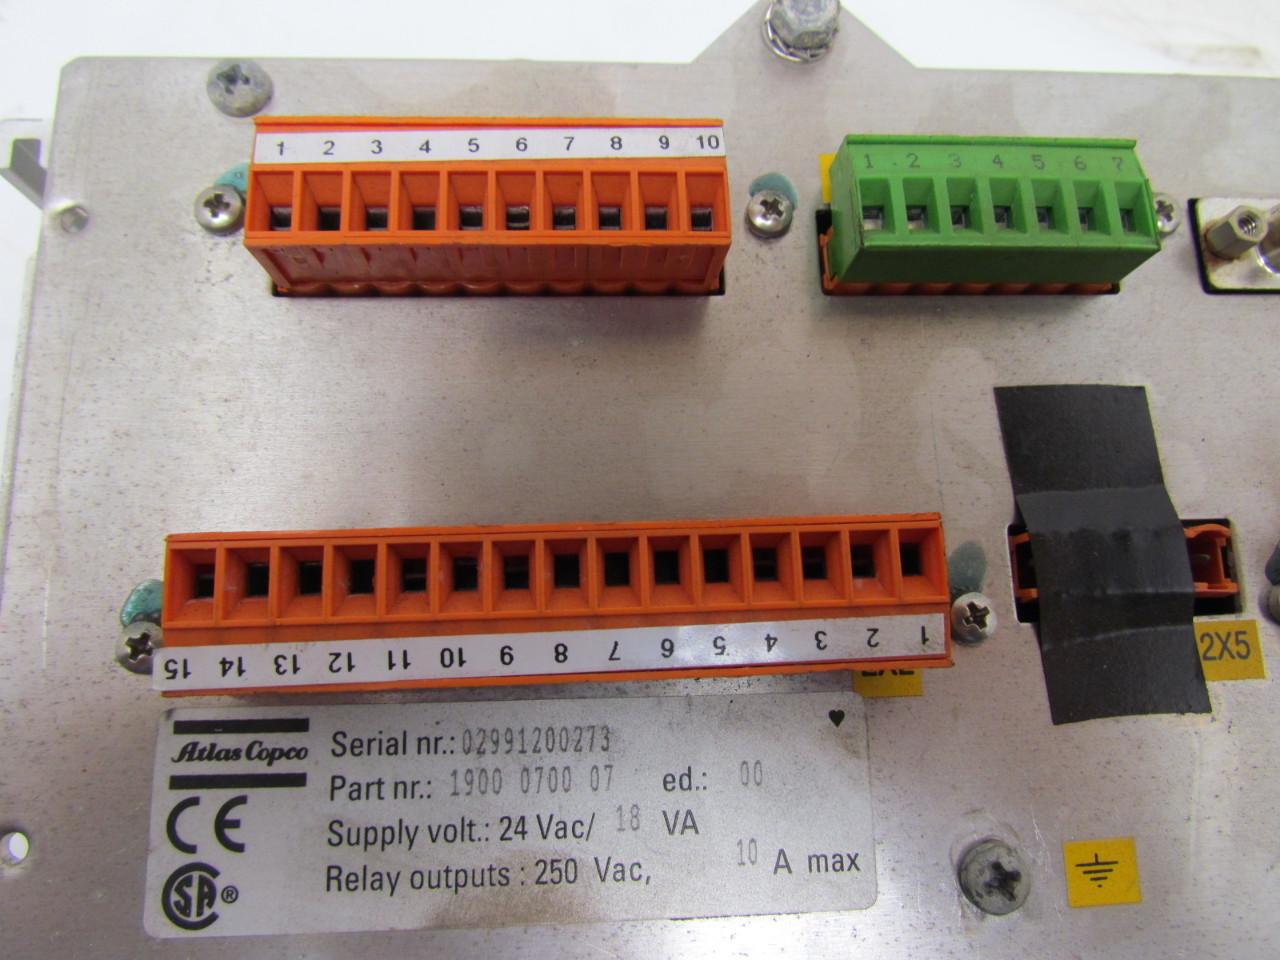 60311 atlas copco elektronikon 1900 0700 07 compressor controller 9 atlas copco elektronikon 1900 0700 07 compressor controller ebay atlas copco elektronikon wiring diagram at panicattacktreatment.co